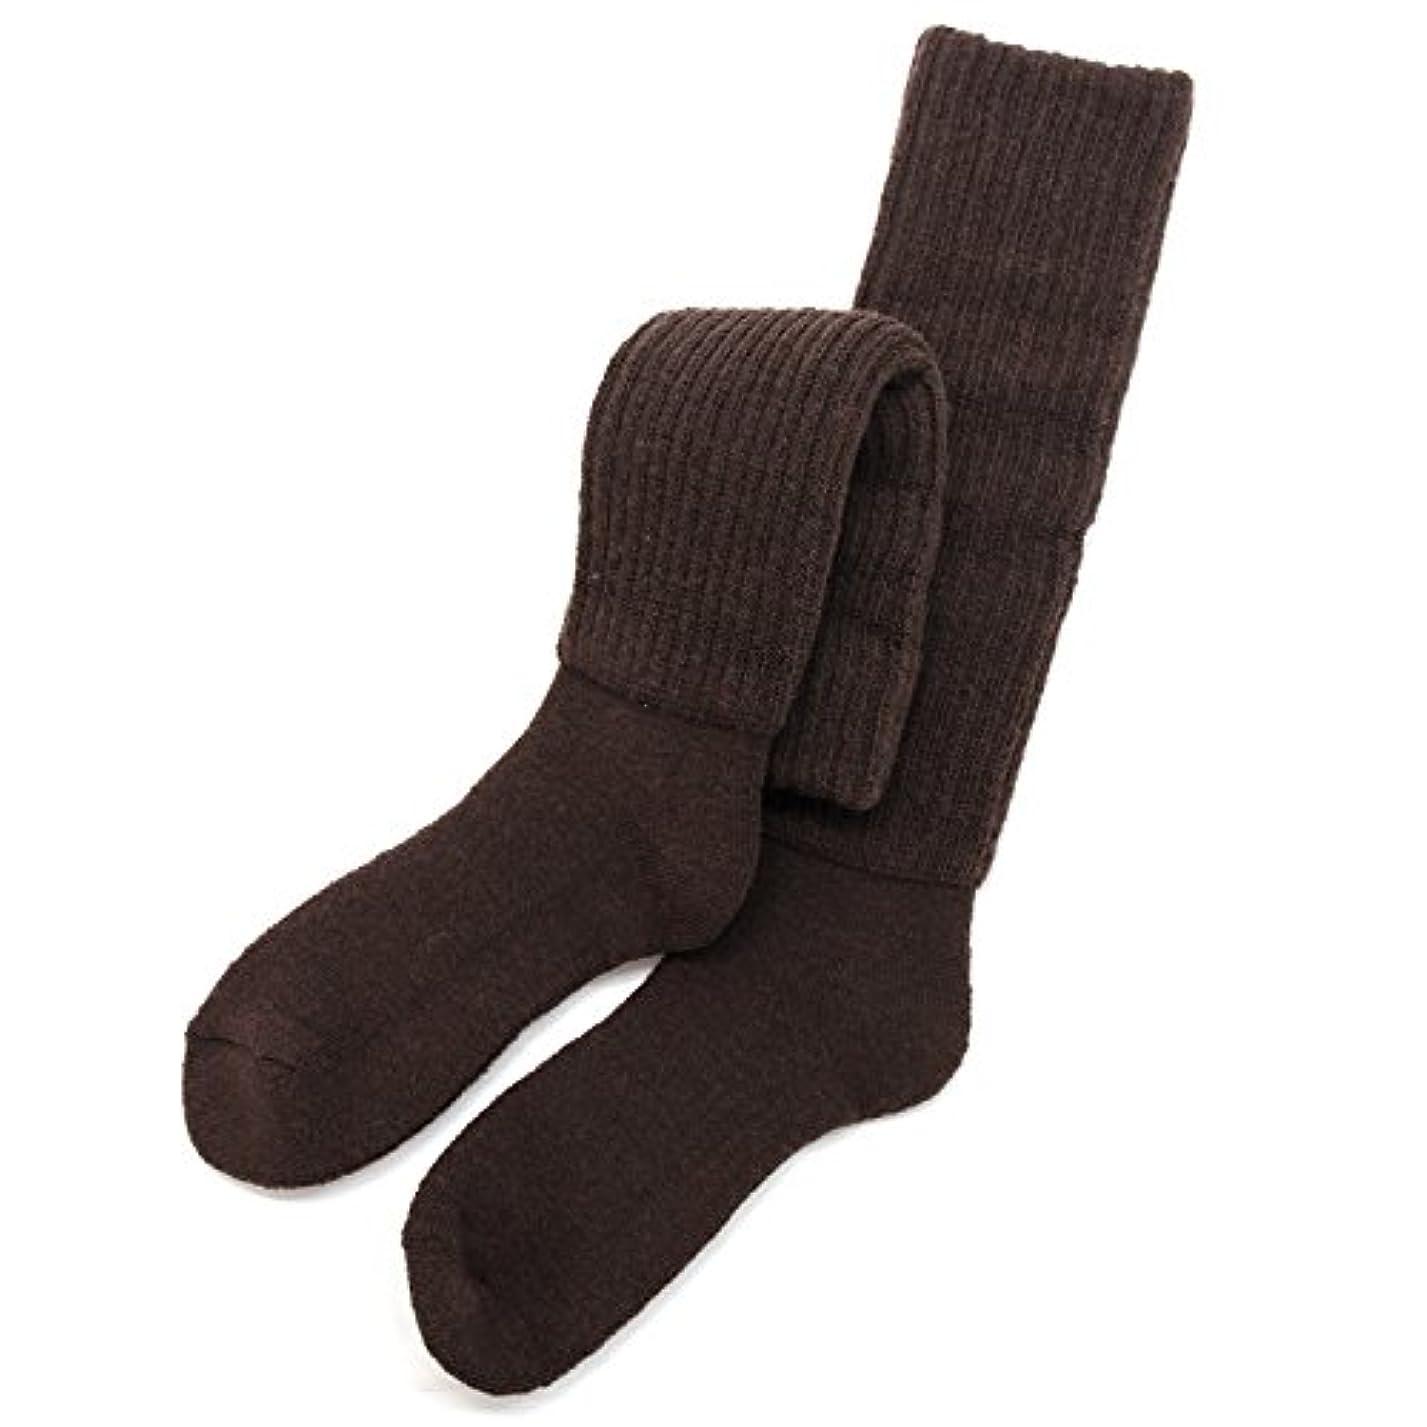 ベッド透過性最もhiorie(ヒオリエ) 日本製 冷えとり靴下 あったか 2重編み靴下 ハイソックス <Lサイズ>